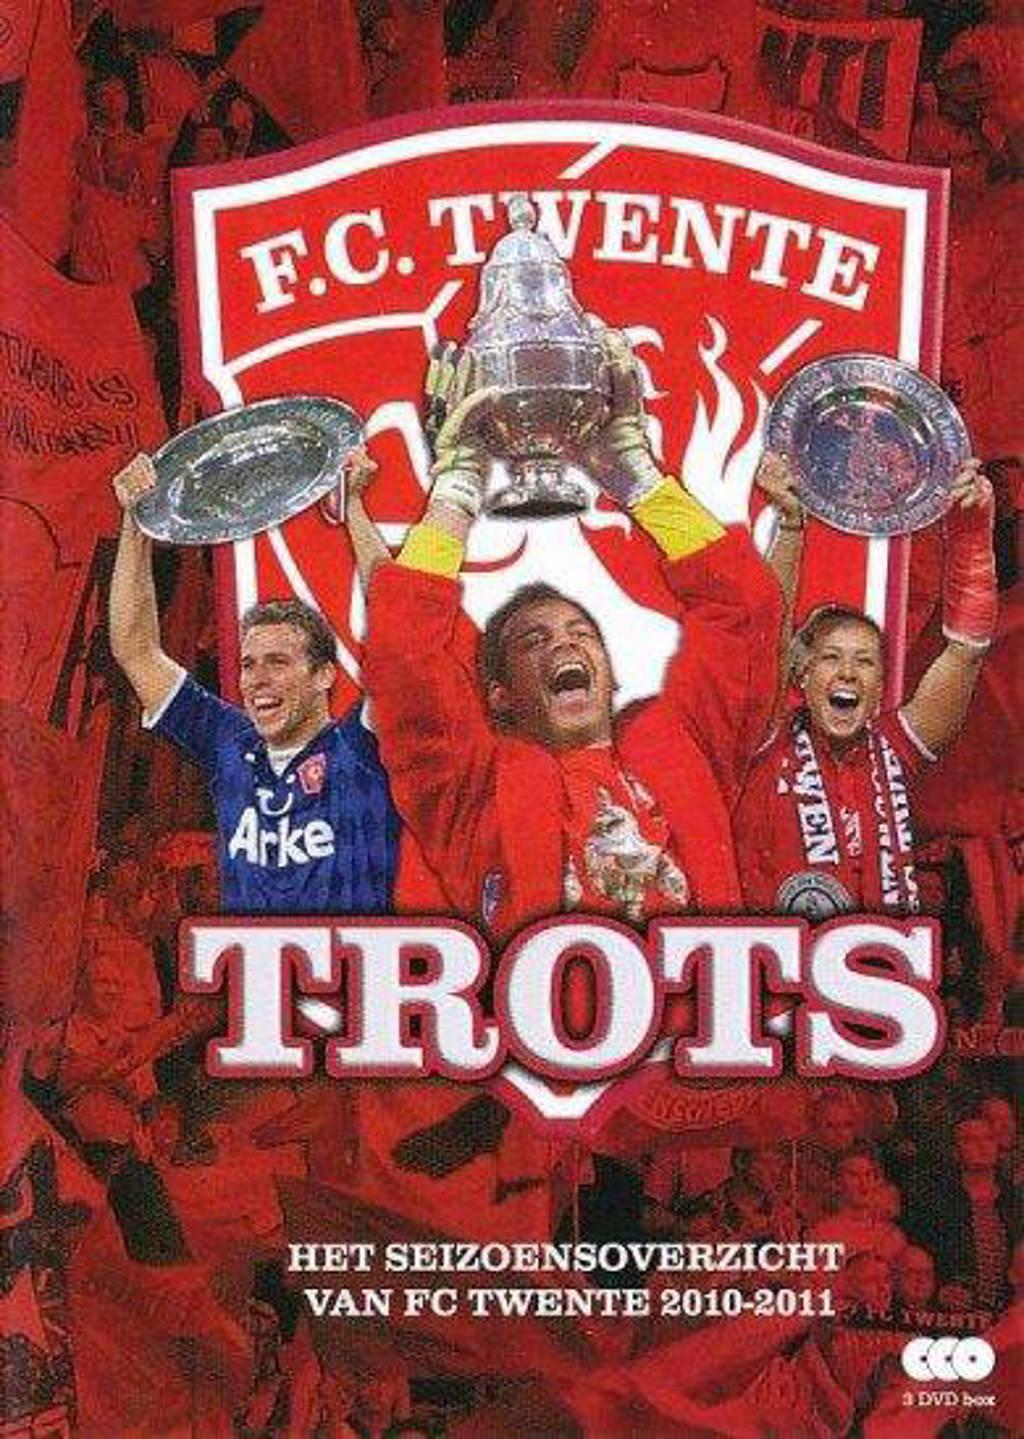 FC Twente - Trots seizoensoverzicht 2010-2011  (DVD)